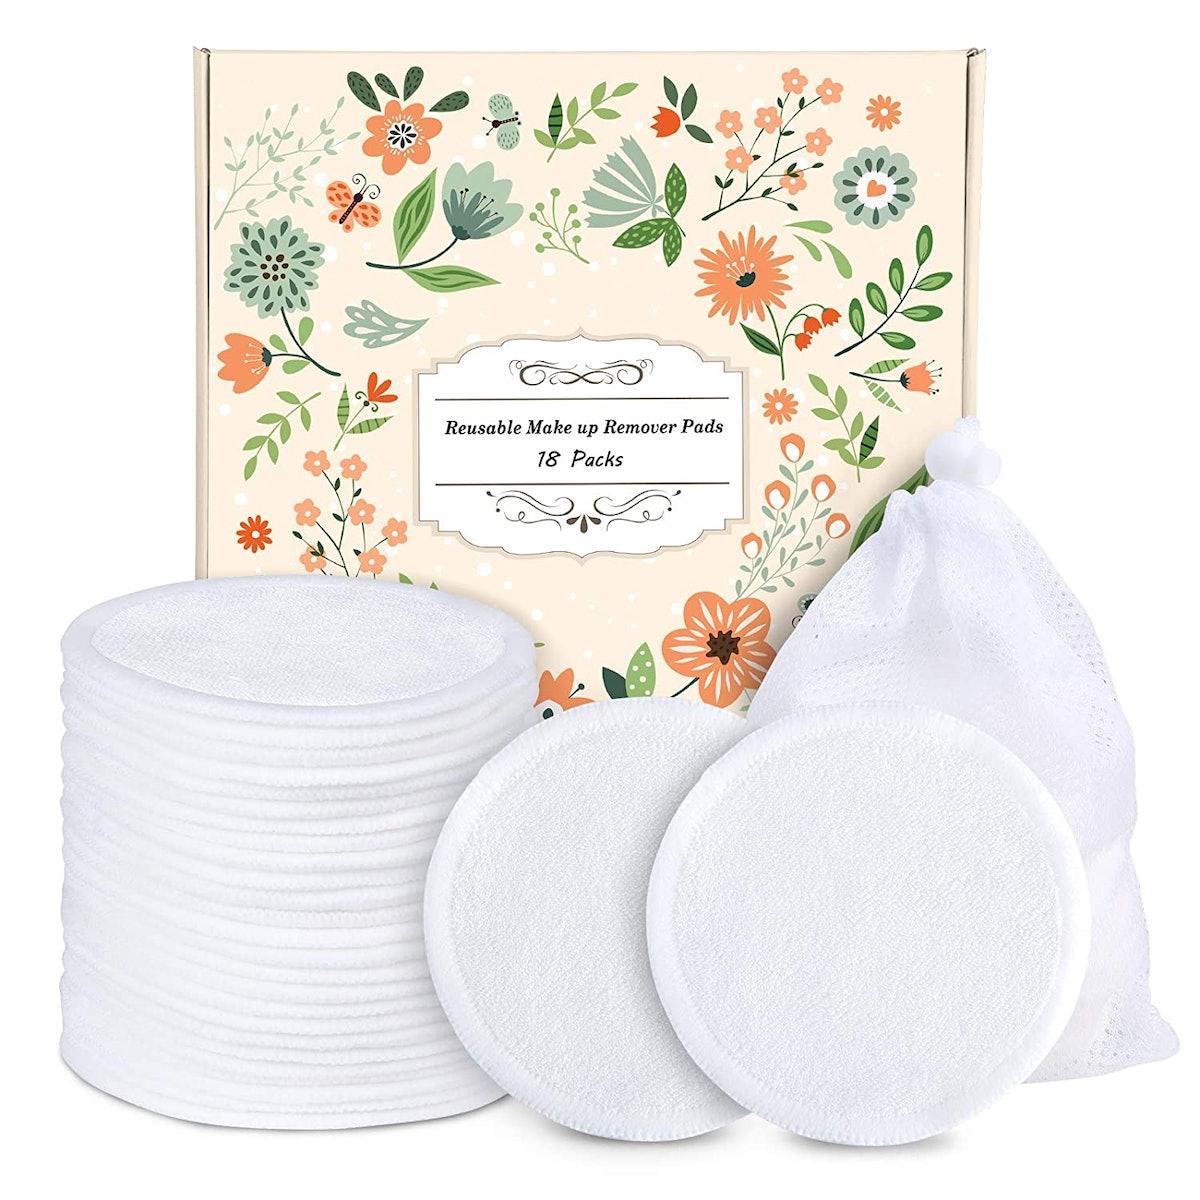 ProCIV Reusable Cotton Rounds (18-Pack)